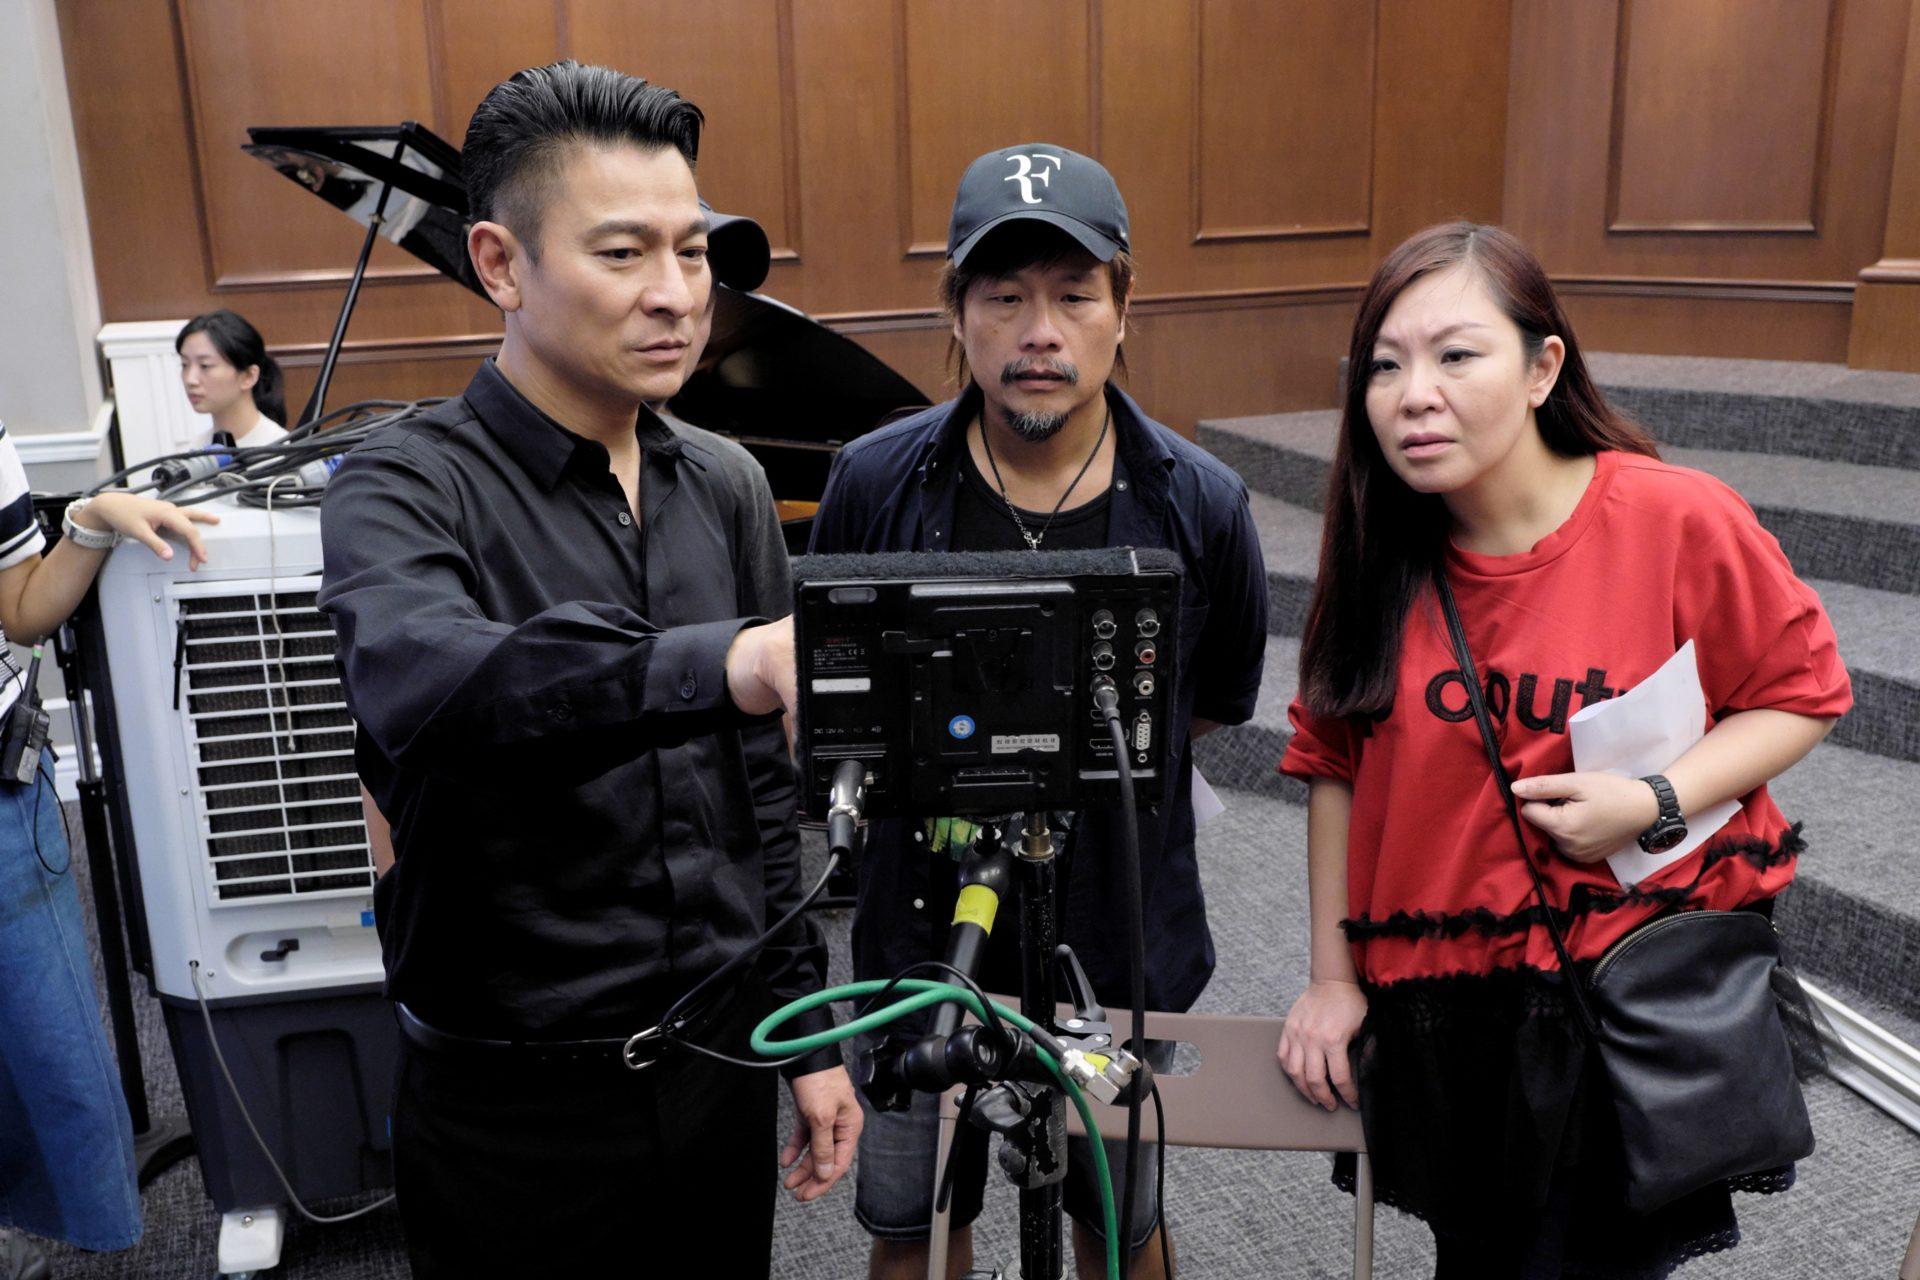 天王劉德華驚語:如果我偷懶,觀眾一定知道  暖心新片《熱血合唱團》為自己熱血一次